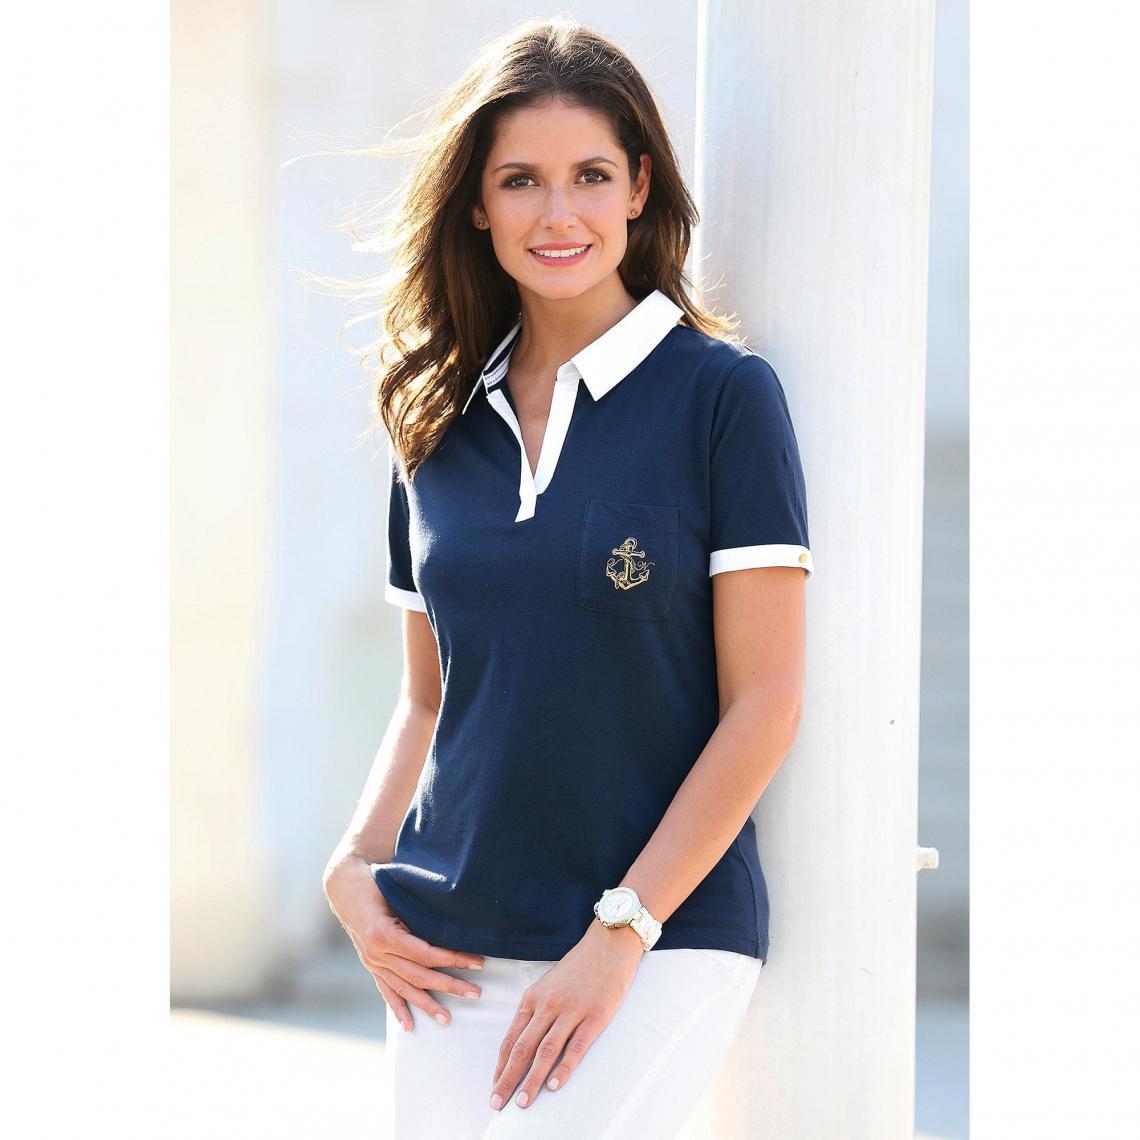 cb3346de717 Tee-shirt polo manches courtes poche plaquée femme - Bleu Marine 3 SUISSES  Femme